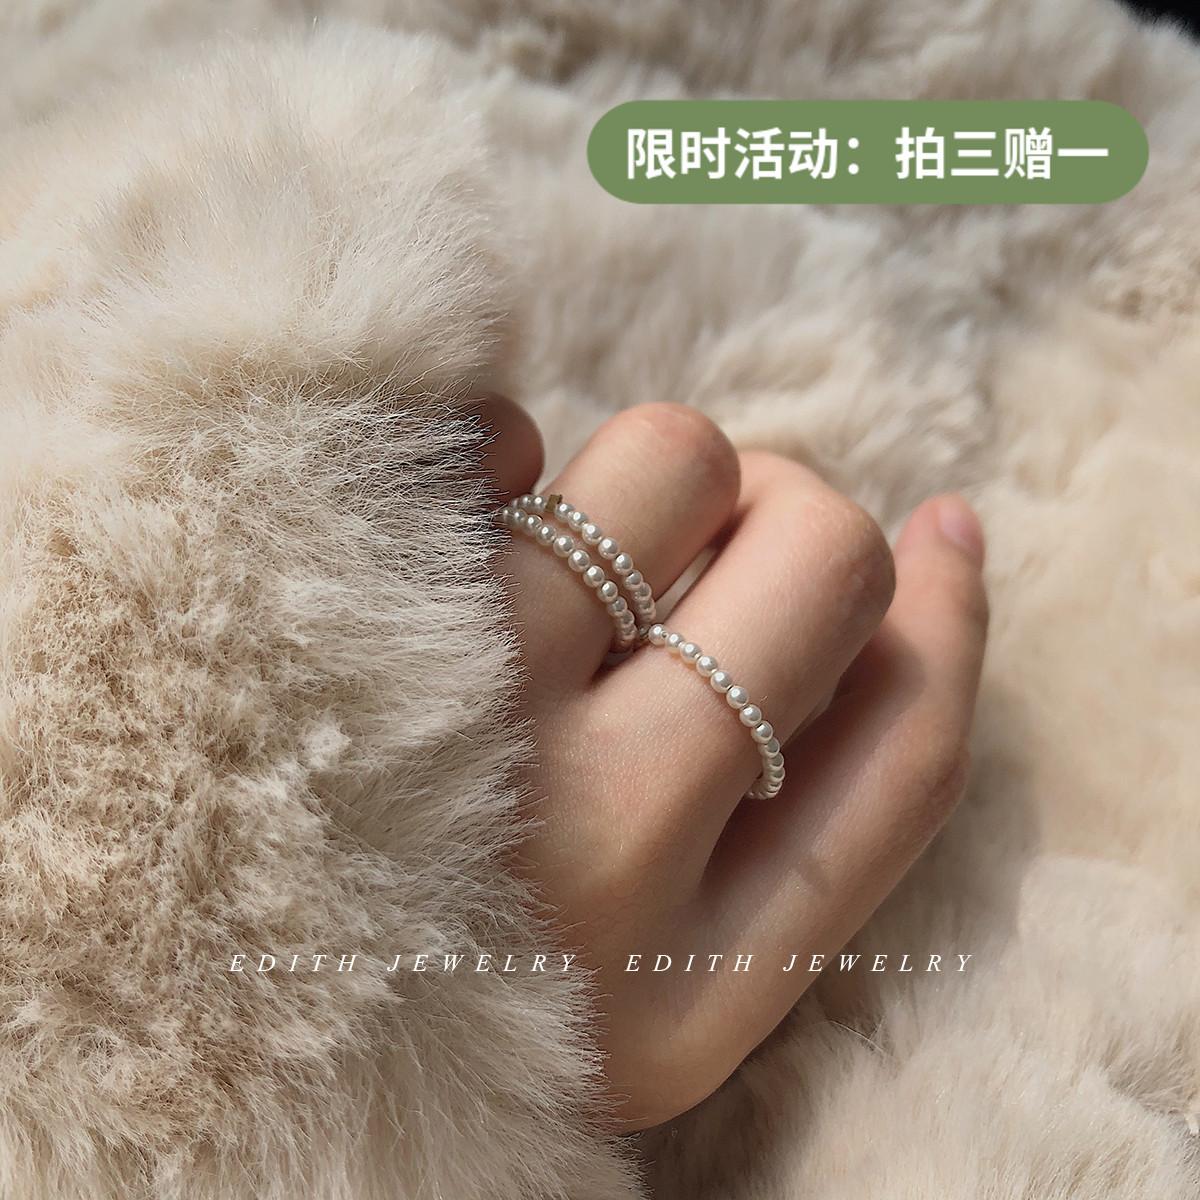 注金施家珍珠戒指女叠戴手作迷你极细小珍珠美国进口Edith14k